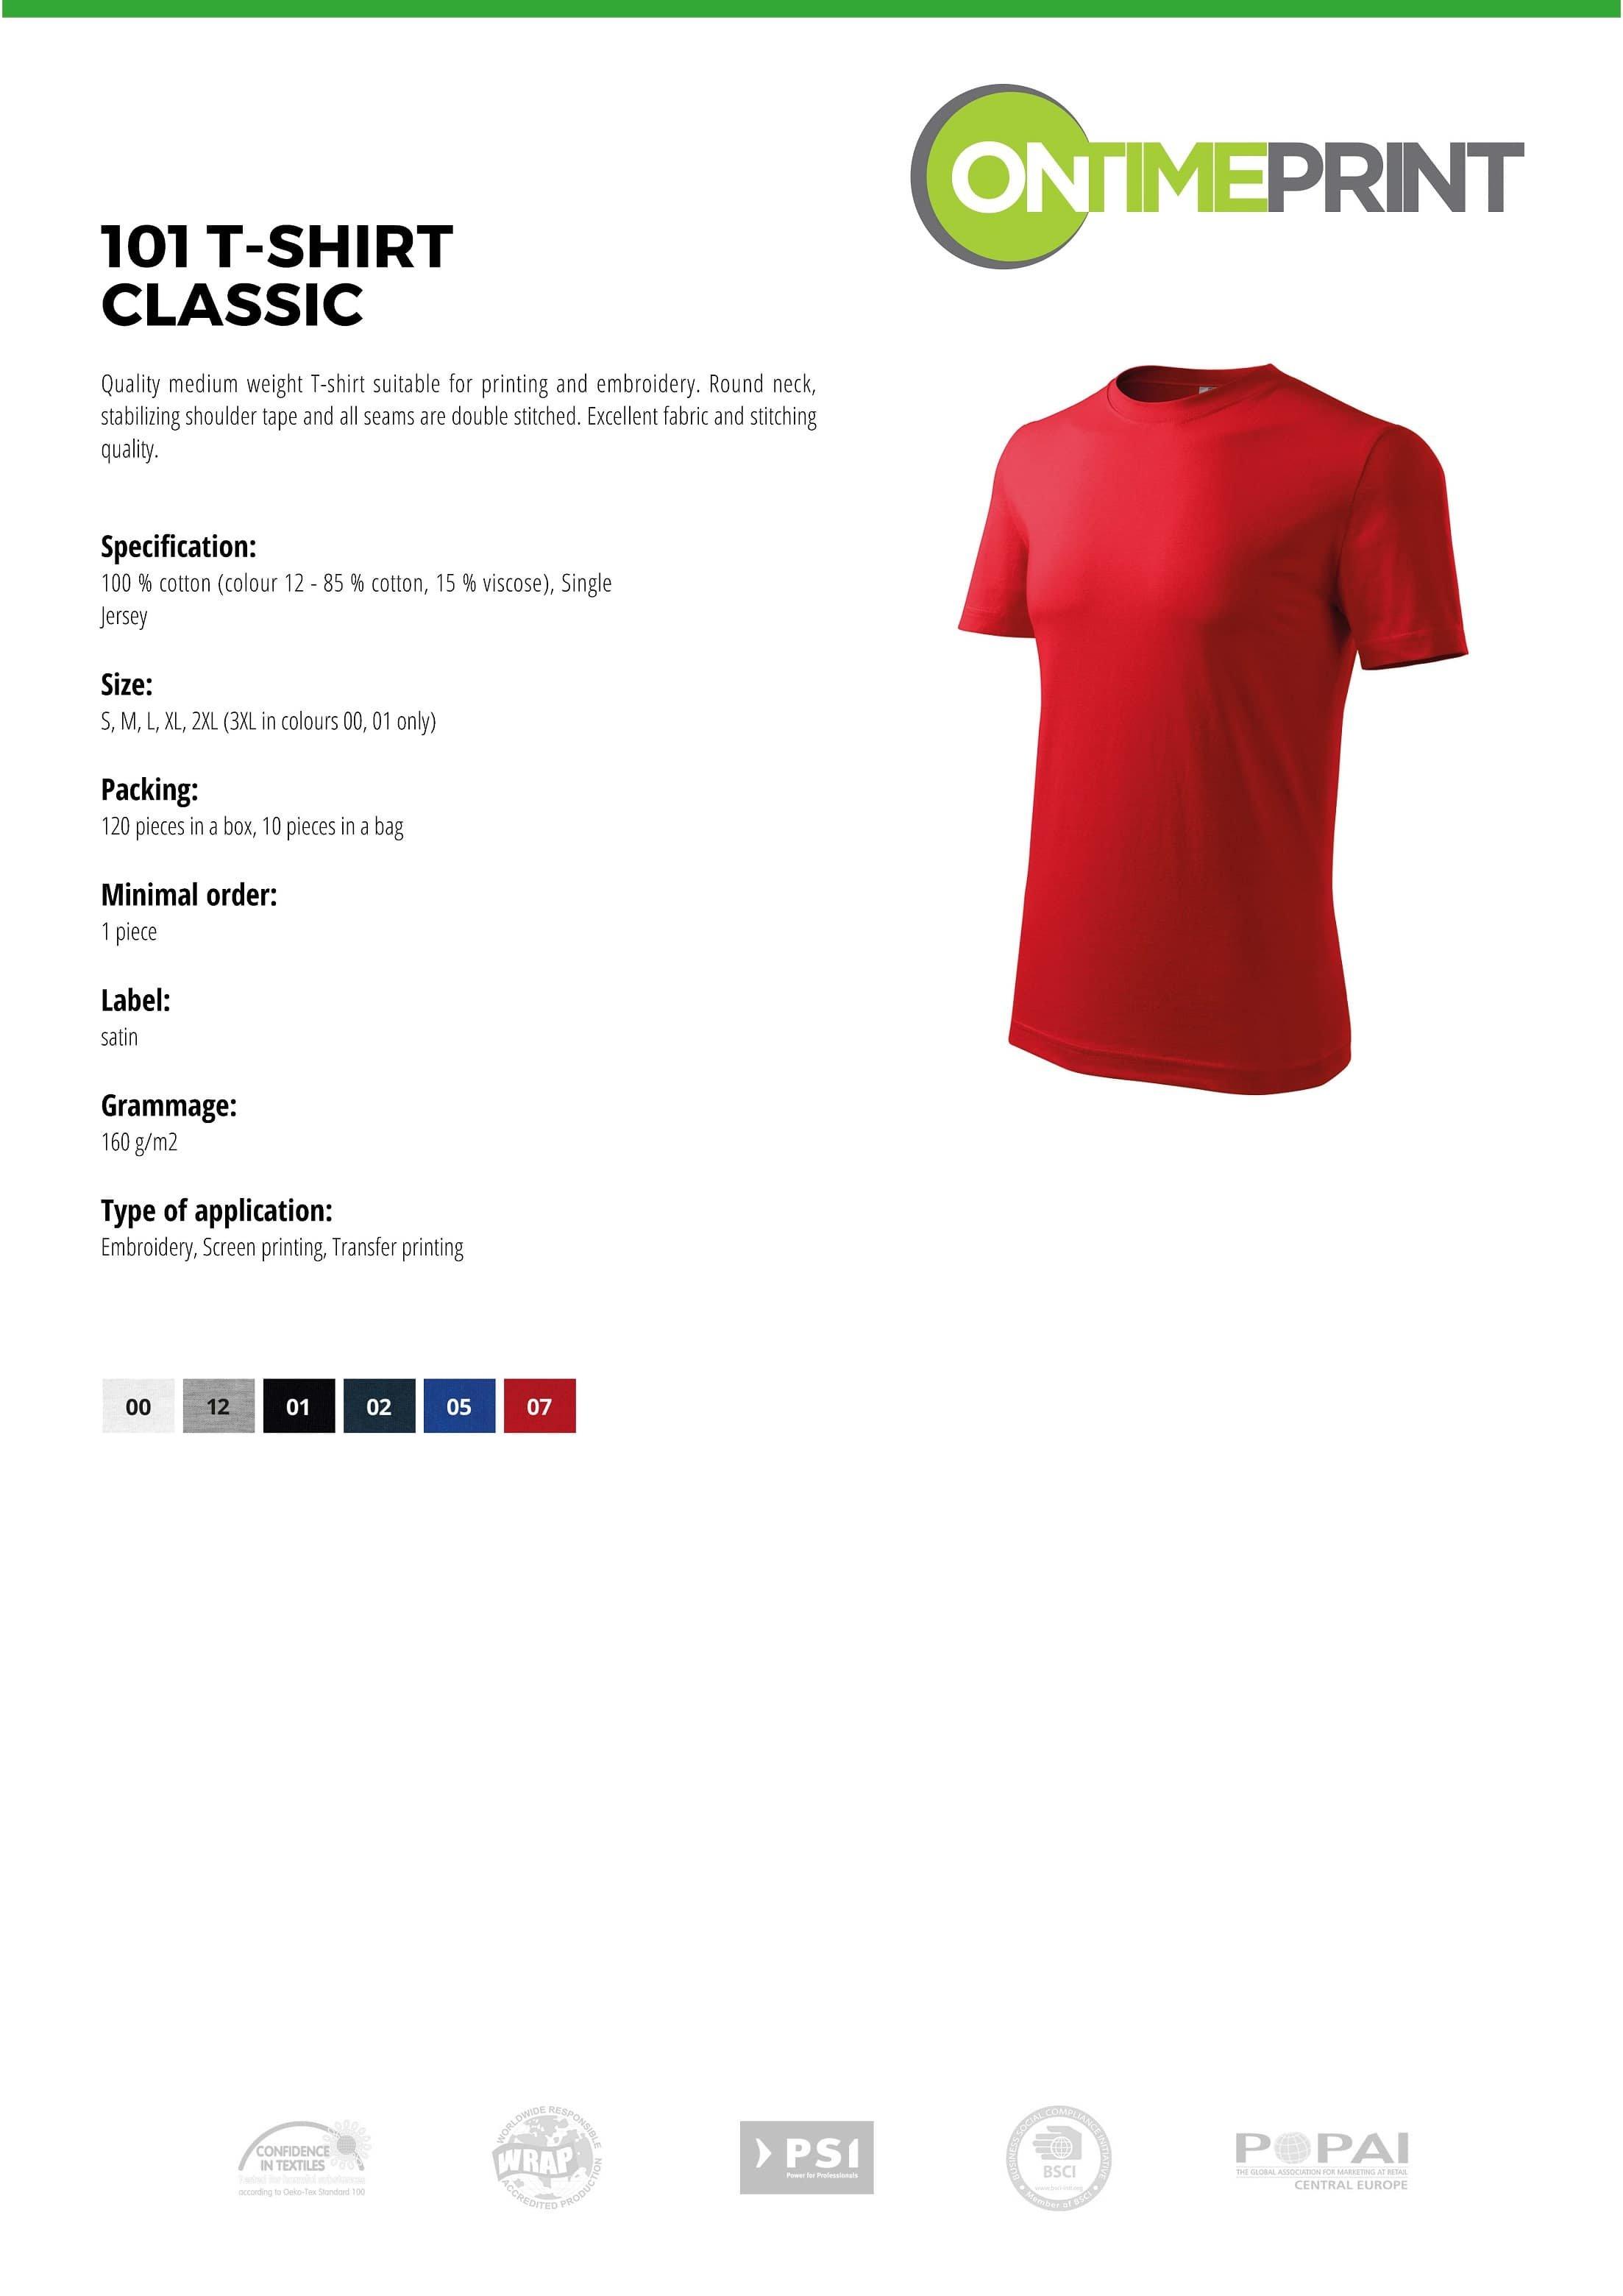 Custom Printed UK Promotional white Men T Shirt 101 specification www.ontimeprint.co.uk